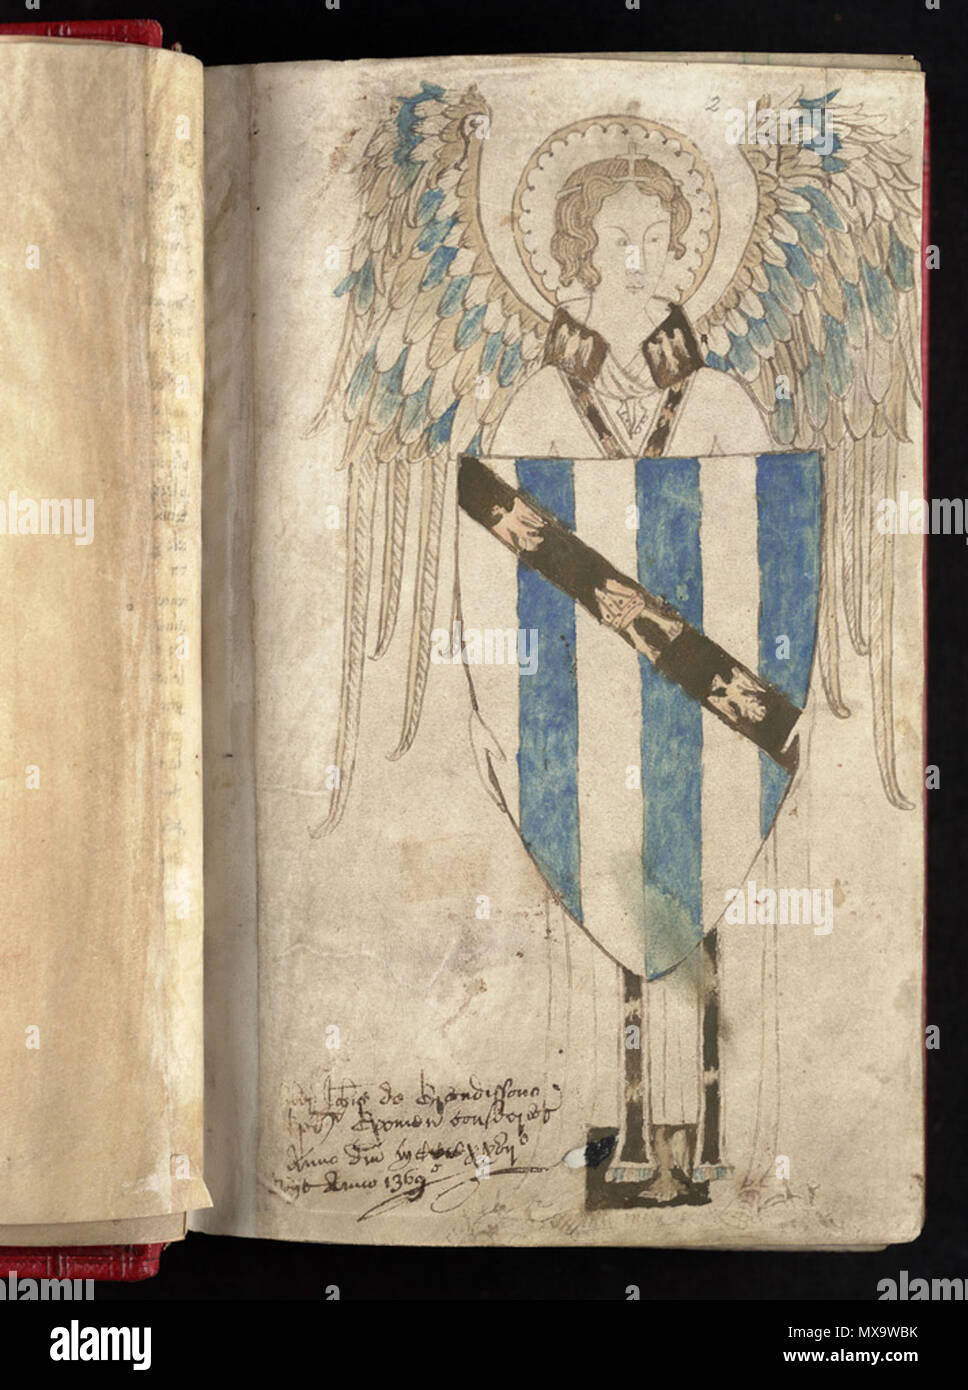 . Anglais: John Grandisson, évêque d'Exeter à partir de 1327 -1369 15 juillet armoiries dans son psautier. Blason: d'un six d'argent et d'azur a bend sable chargé d'une tiare sur un prêtre a volé entre deux aigles affiché, d'argent. 'Vit des évêques d'Exeter' décrit ses armes réelles (en cours de Grandisson brisées par la substitution de la tiare pour le milieu Eagle) comme: Kaka Bouda de six d'argent et d'azur, à la bande de gueules, chargée d'une mitre entre deux aiglons affiché, ou. Grandisson légua son Psautier à Isabella, dau. du roi Édouard III . 7 décembre 2013, 12:59:48. inconnu - payé par John Banque D'Images